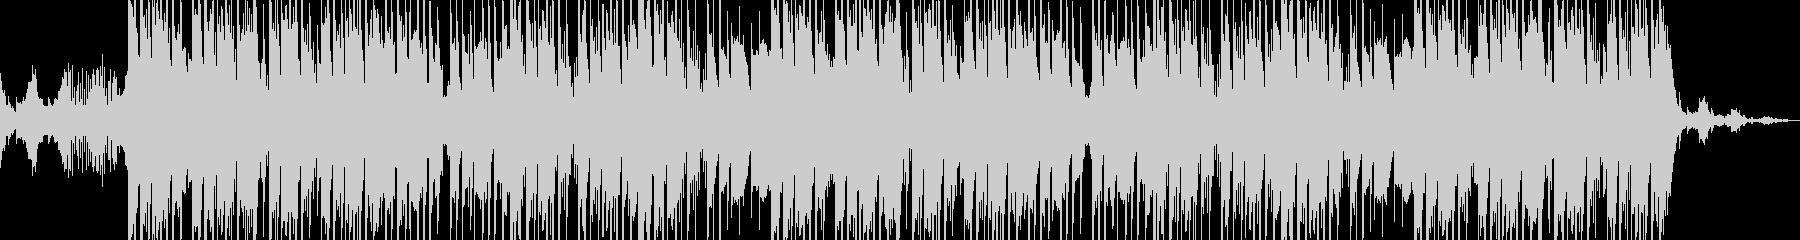 幻想的なヒップホップ・トラップの未再生の波形